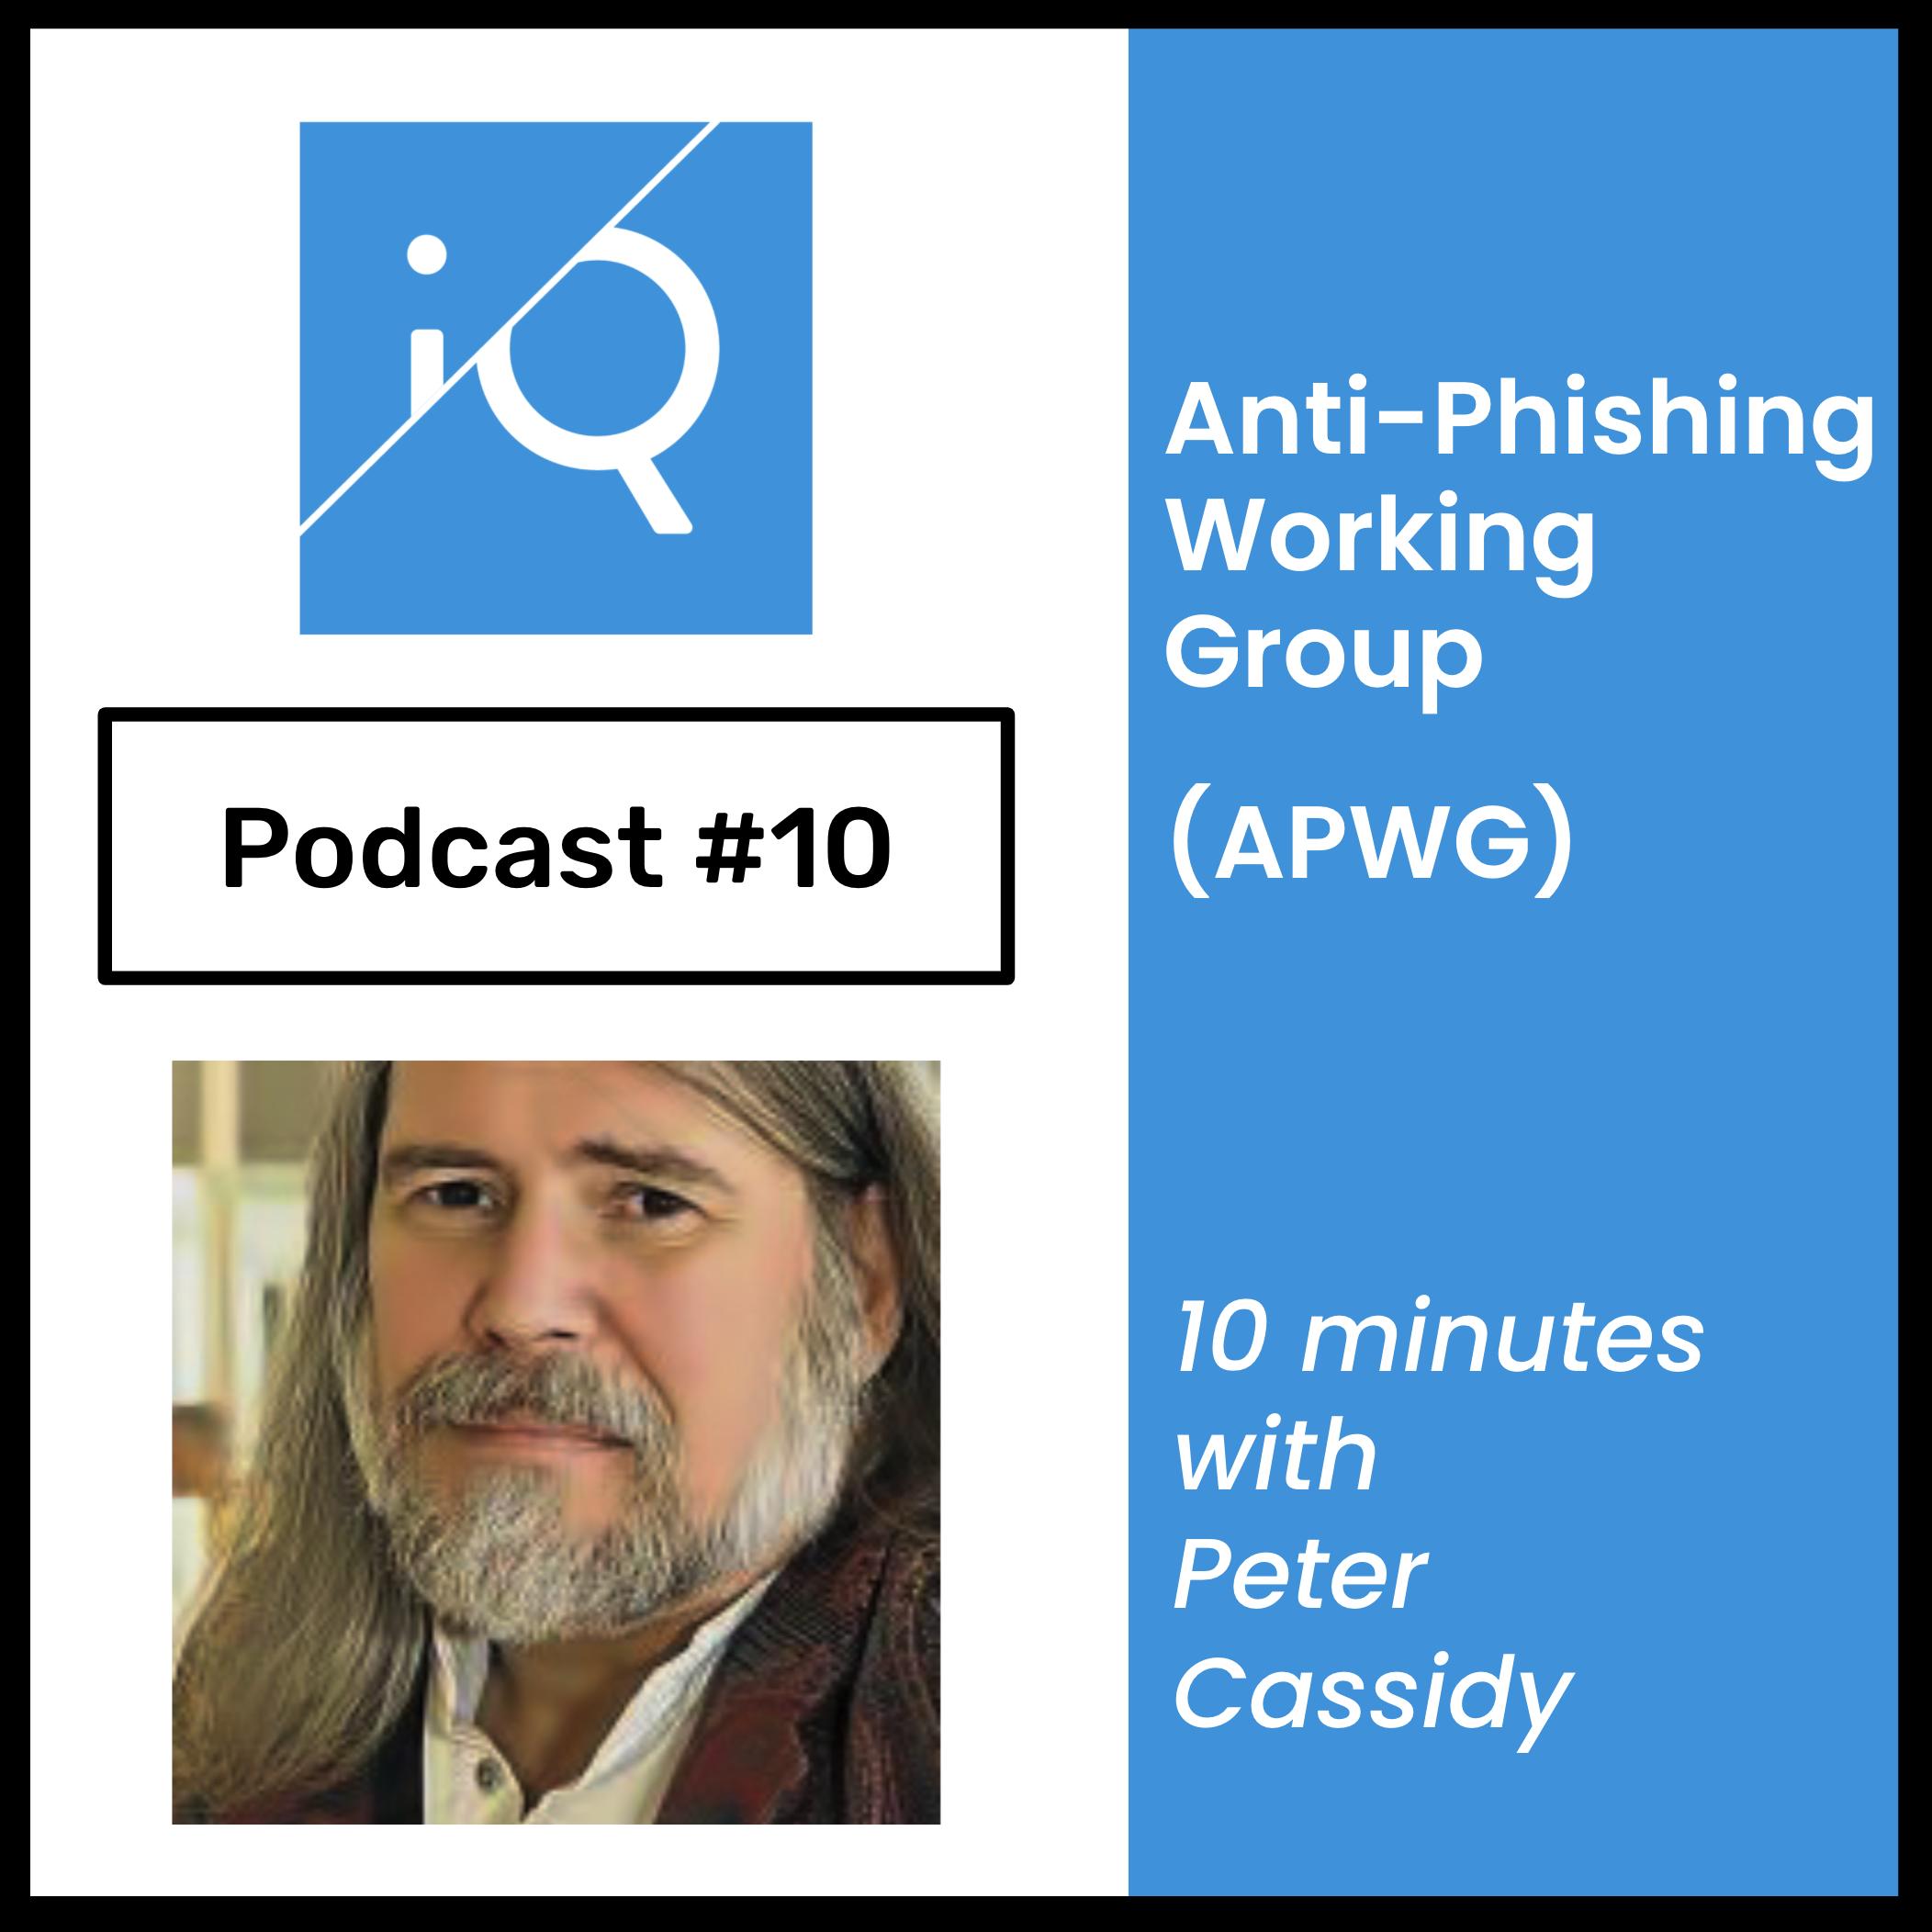 Artwork for podcast iQ Global Podcast